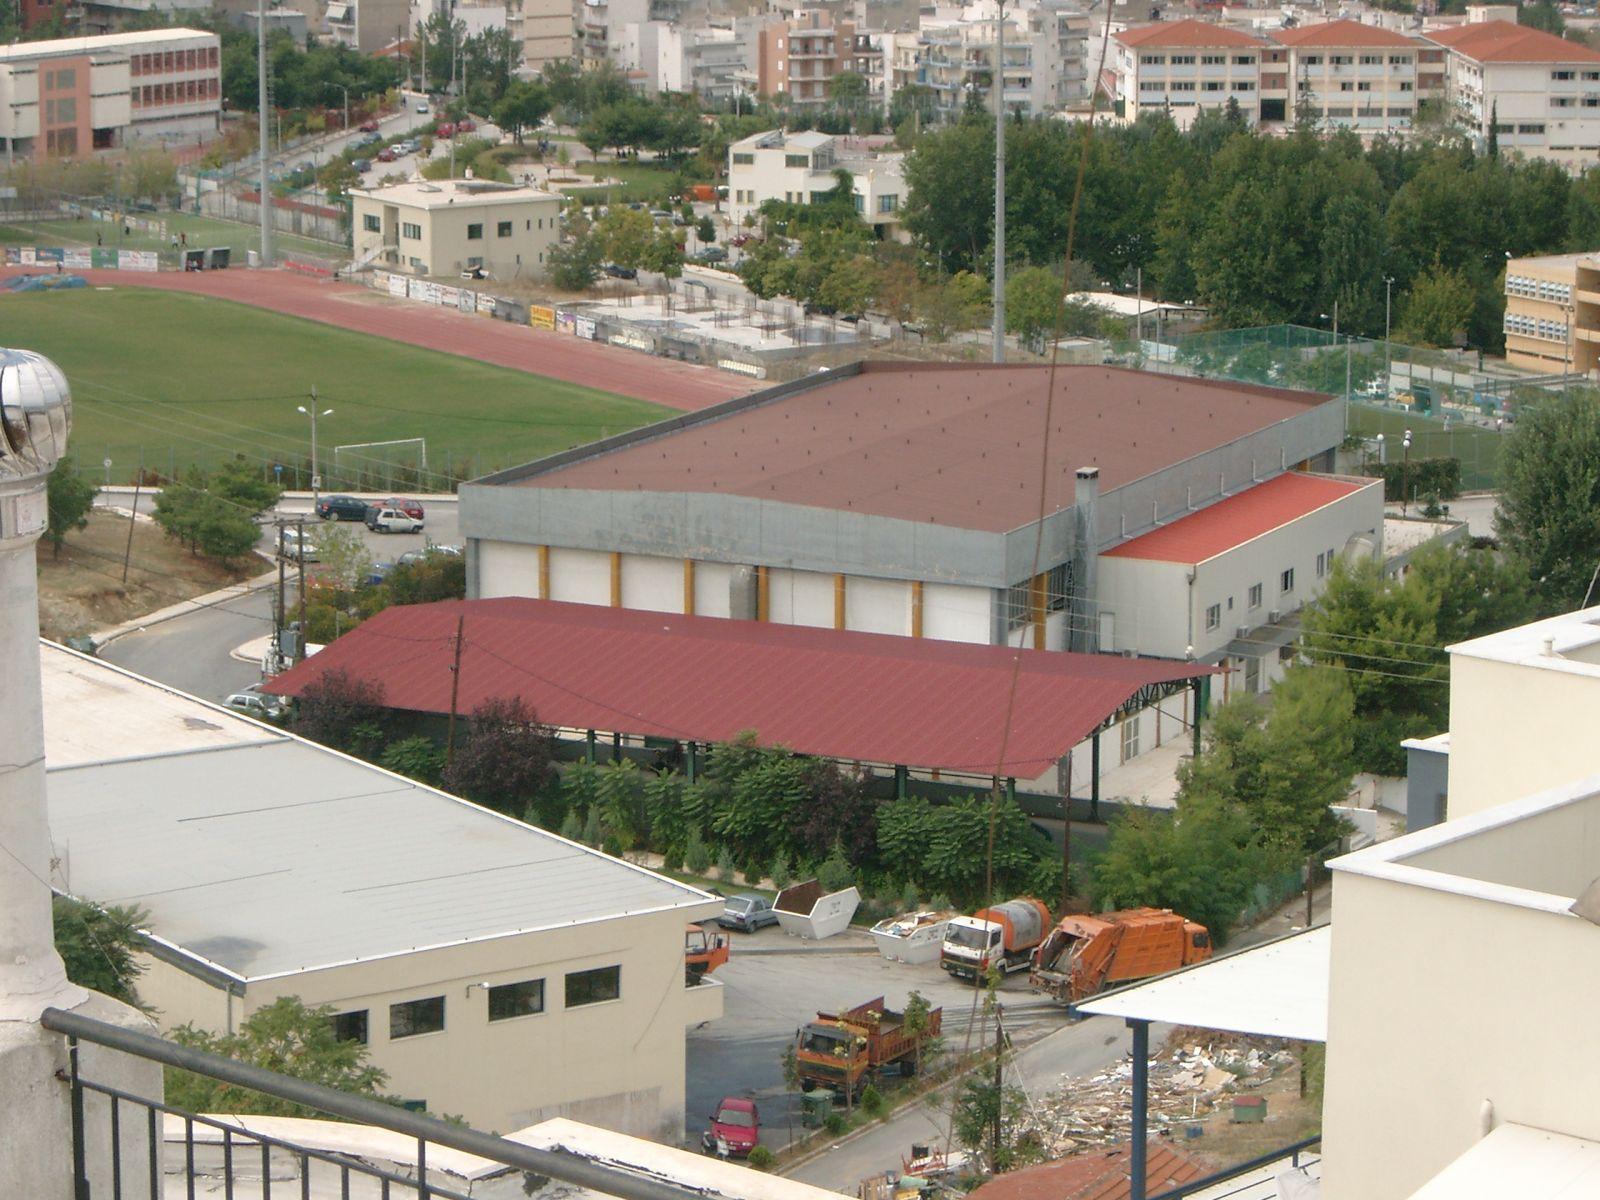 Θερμομόνωση με το Politerm Blu σε μεταλλική στέγη στο κλειστό γυμναστήριο Νεάπολης στη Θεσσαλονίκη επιφάνειας 1.400sqm